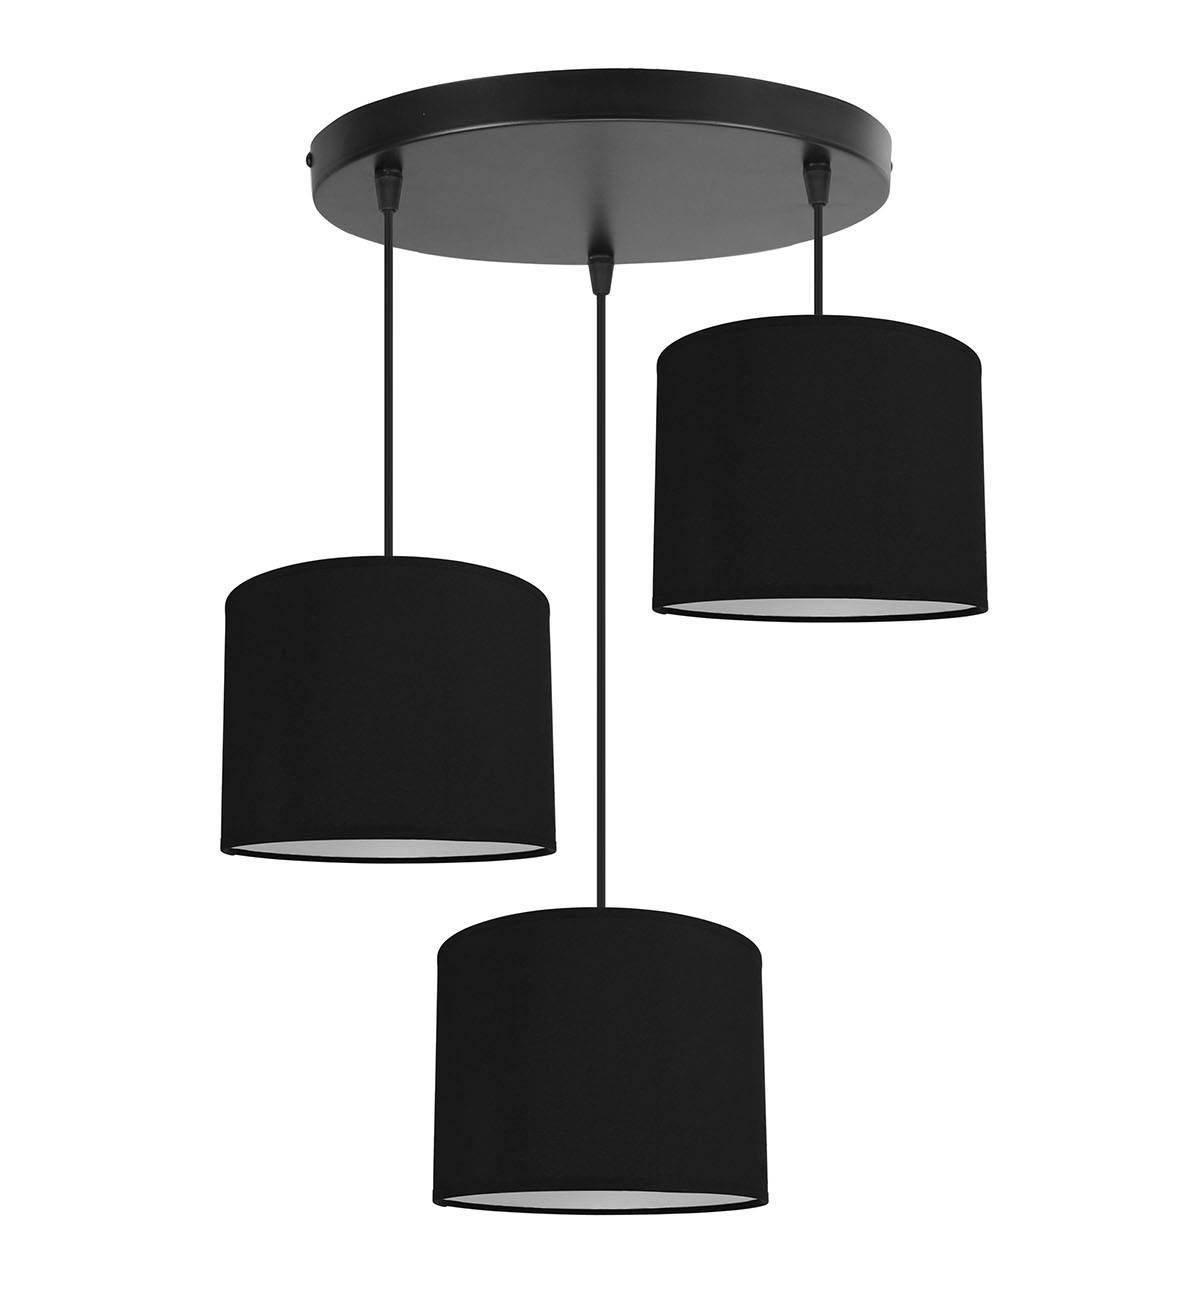 Stylowa Lampa Wisząca z Abażurami Regulowana Sklep internetowy Light Home